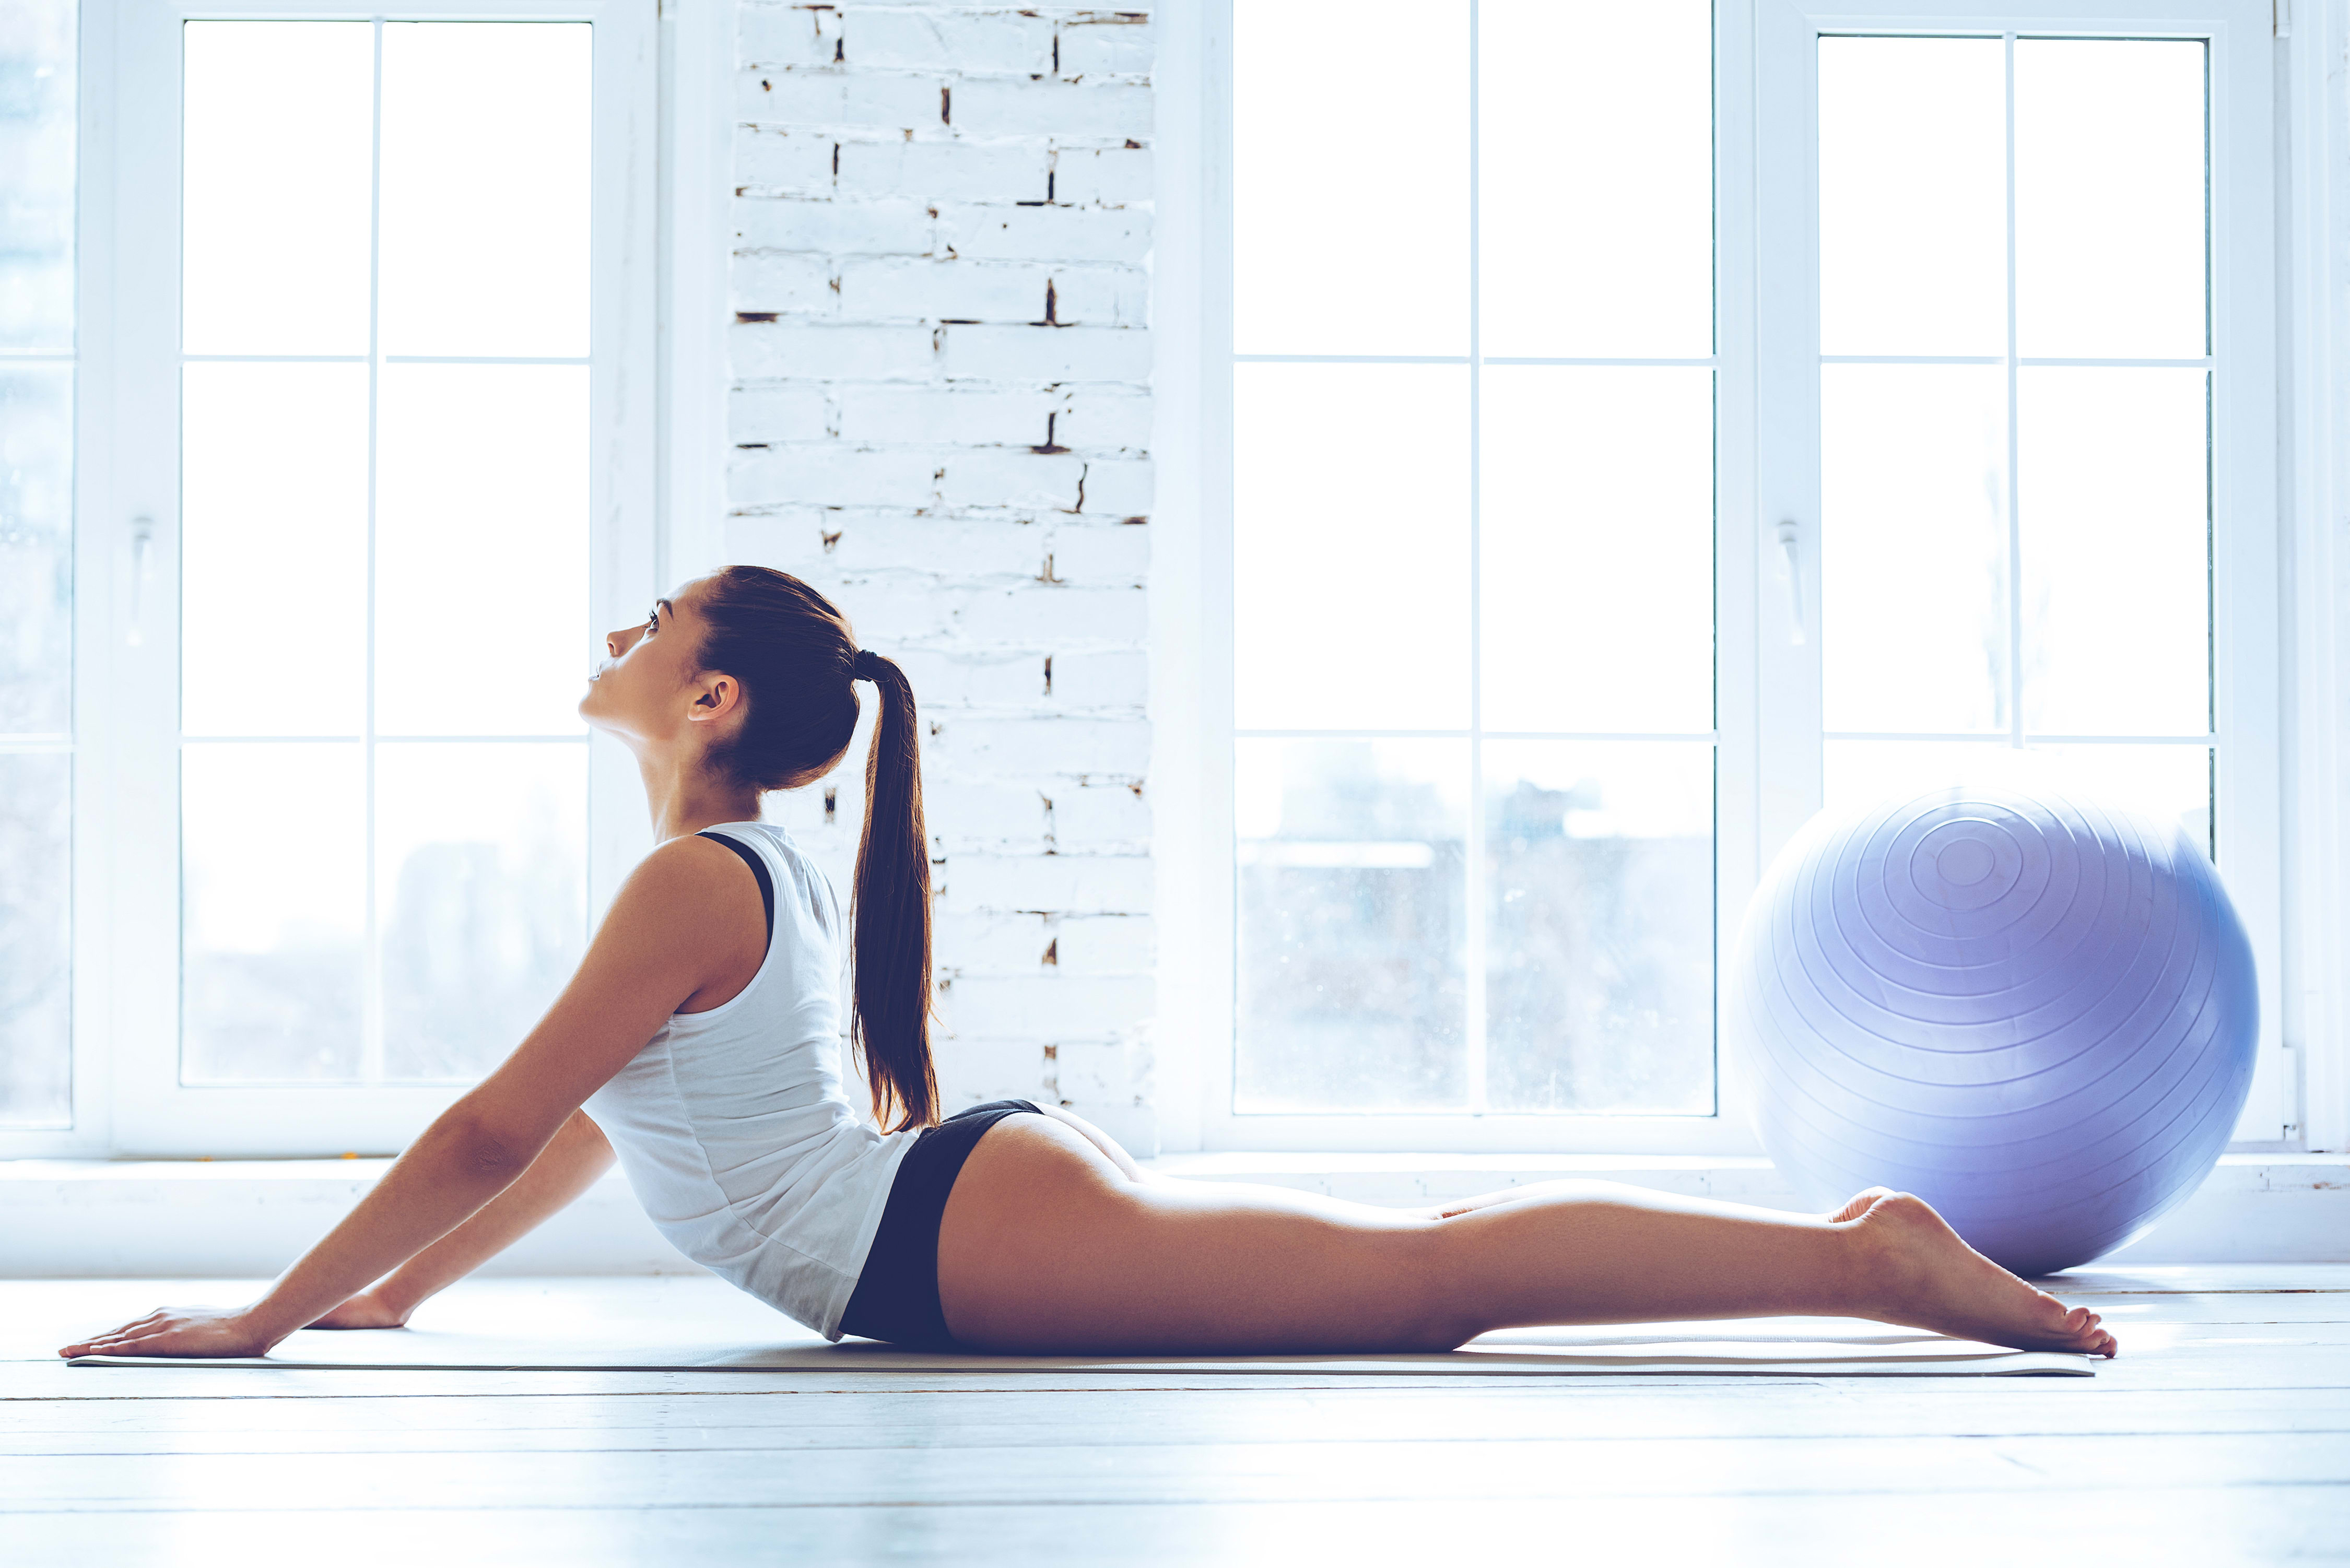 Derfor er det viktig å trene fleksibilitet